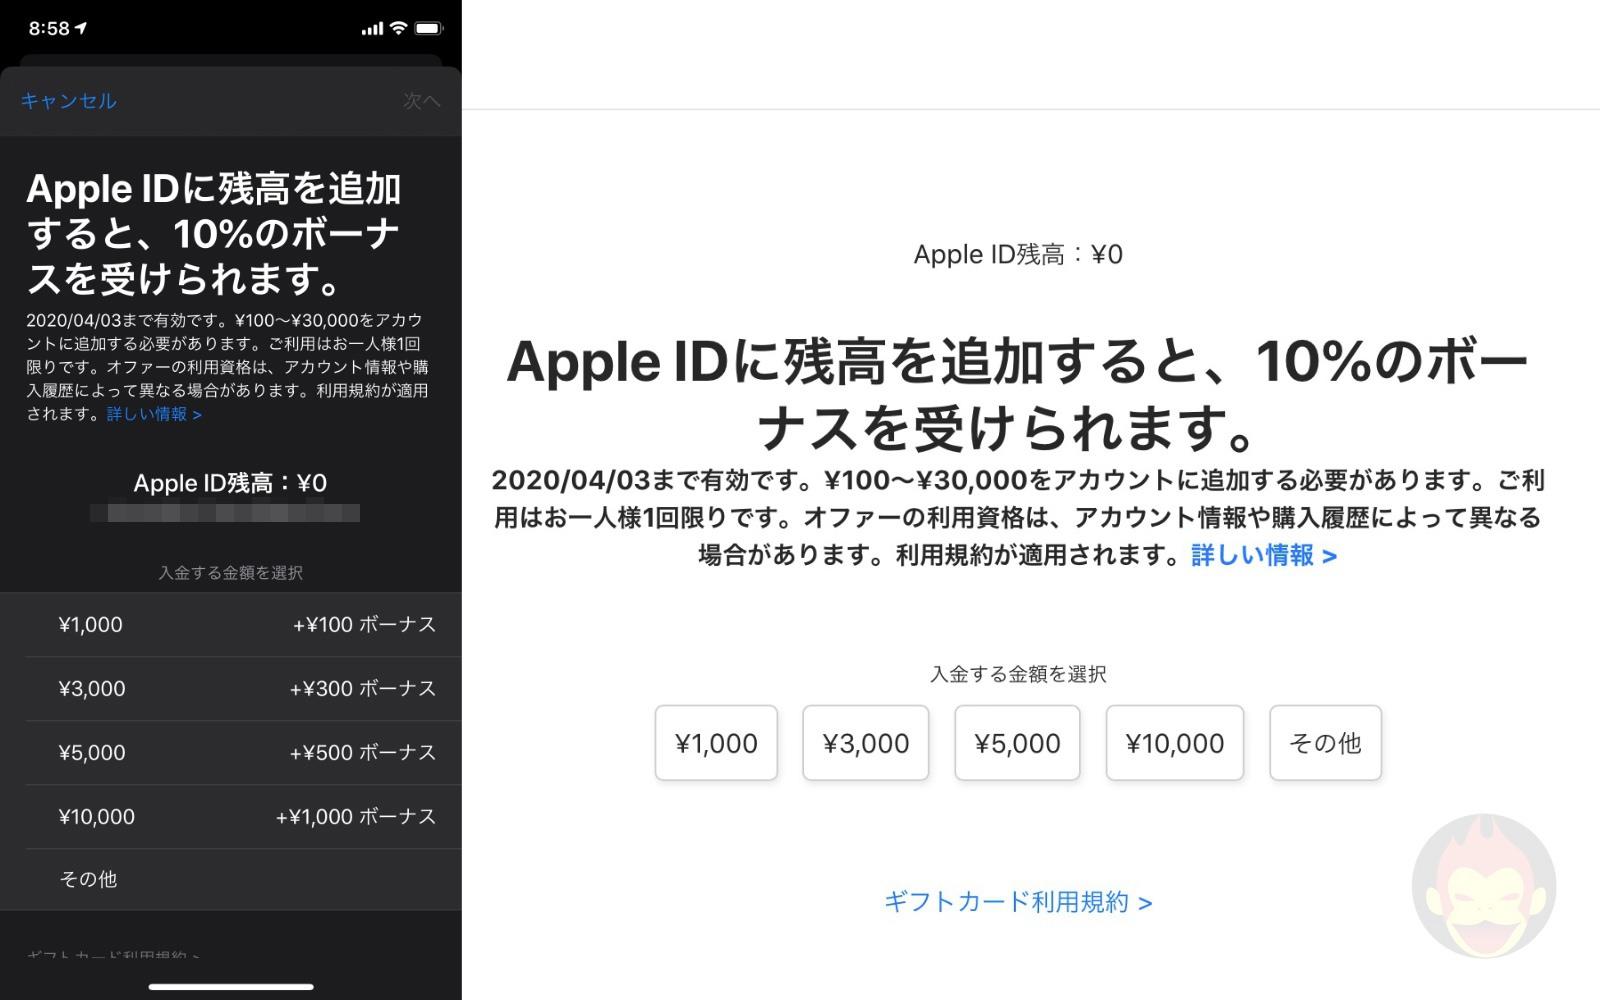 Apple ID Bonus 2